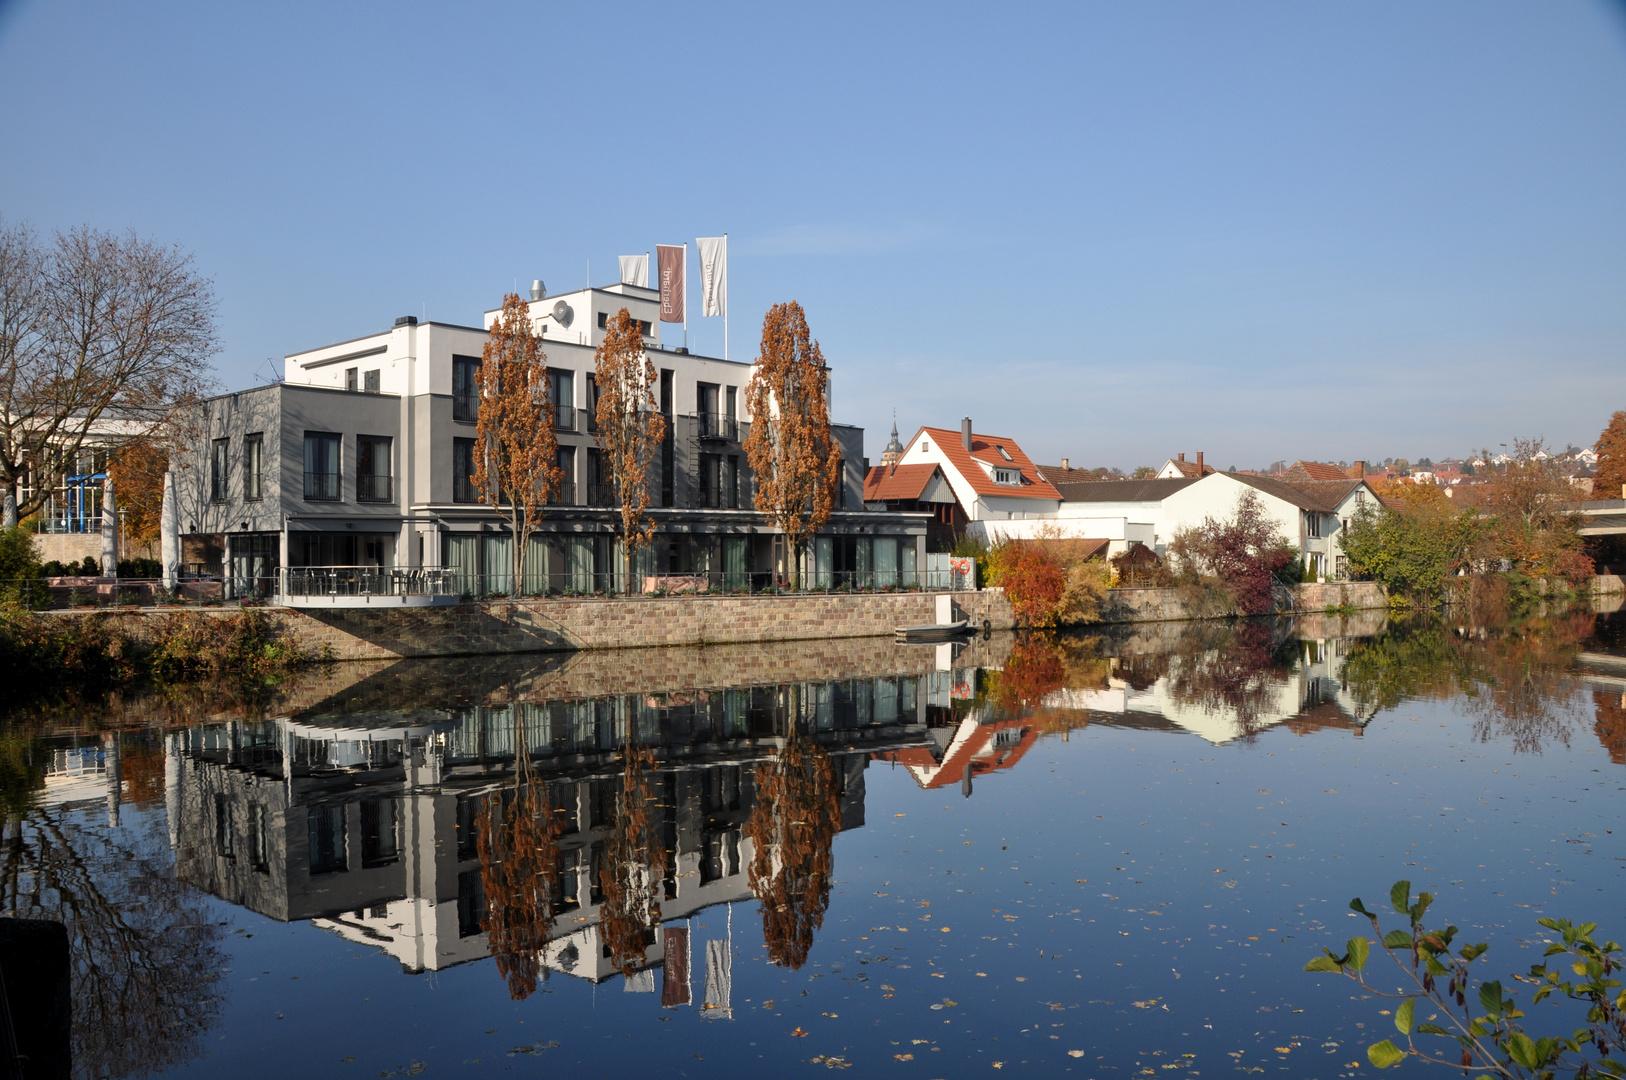 Bietigheim-Bissingen/Hotel an der Enz